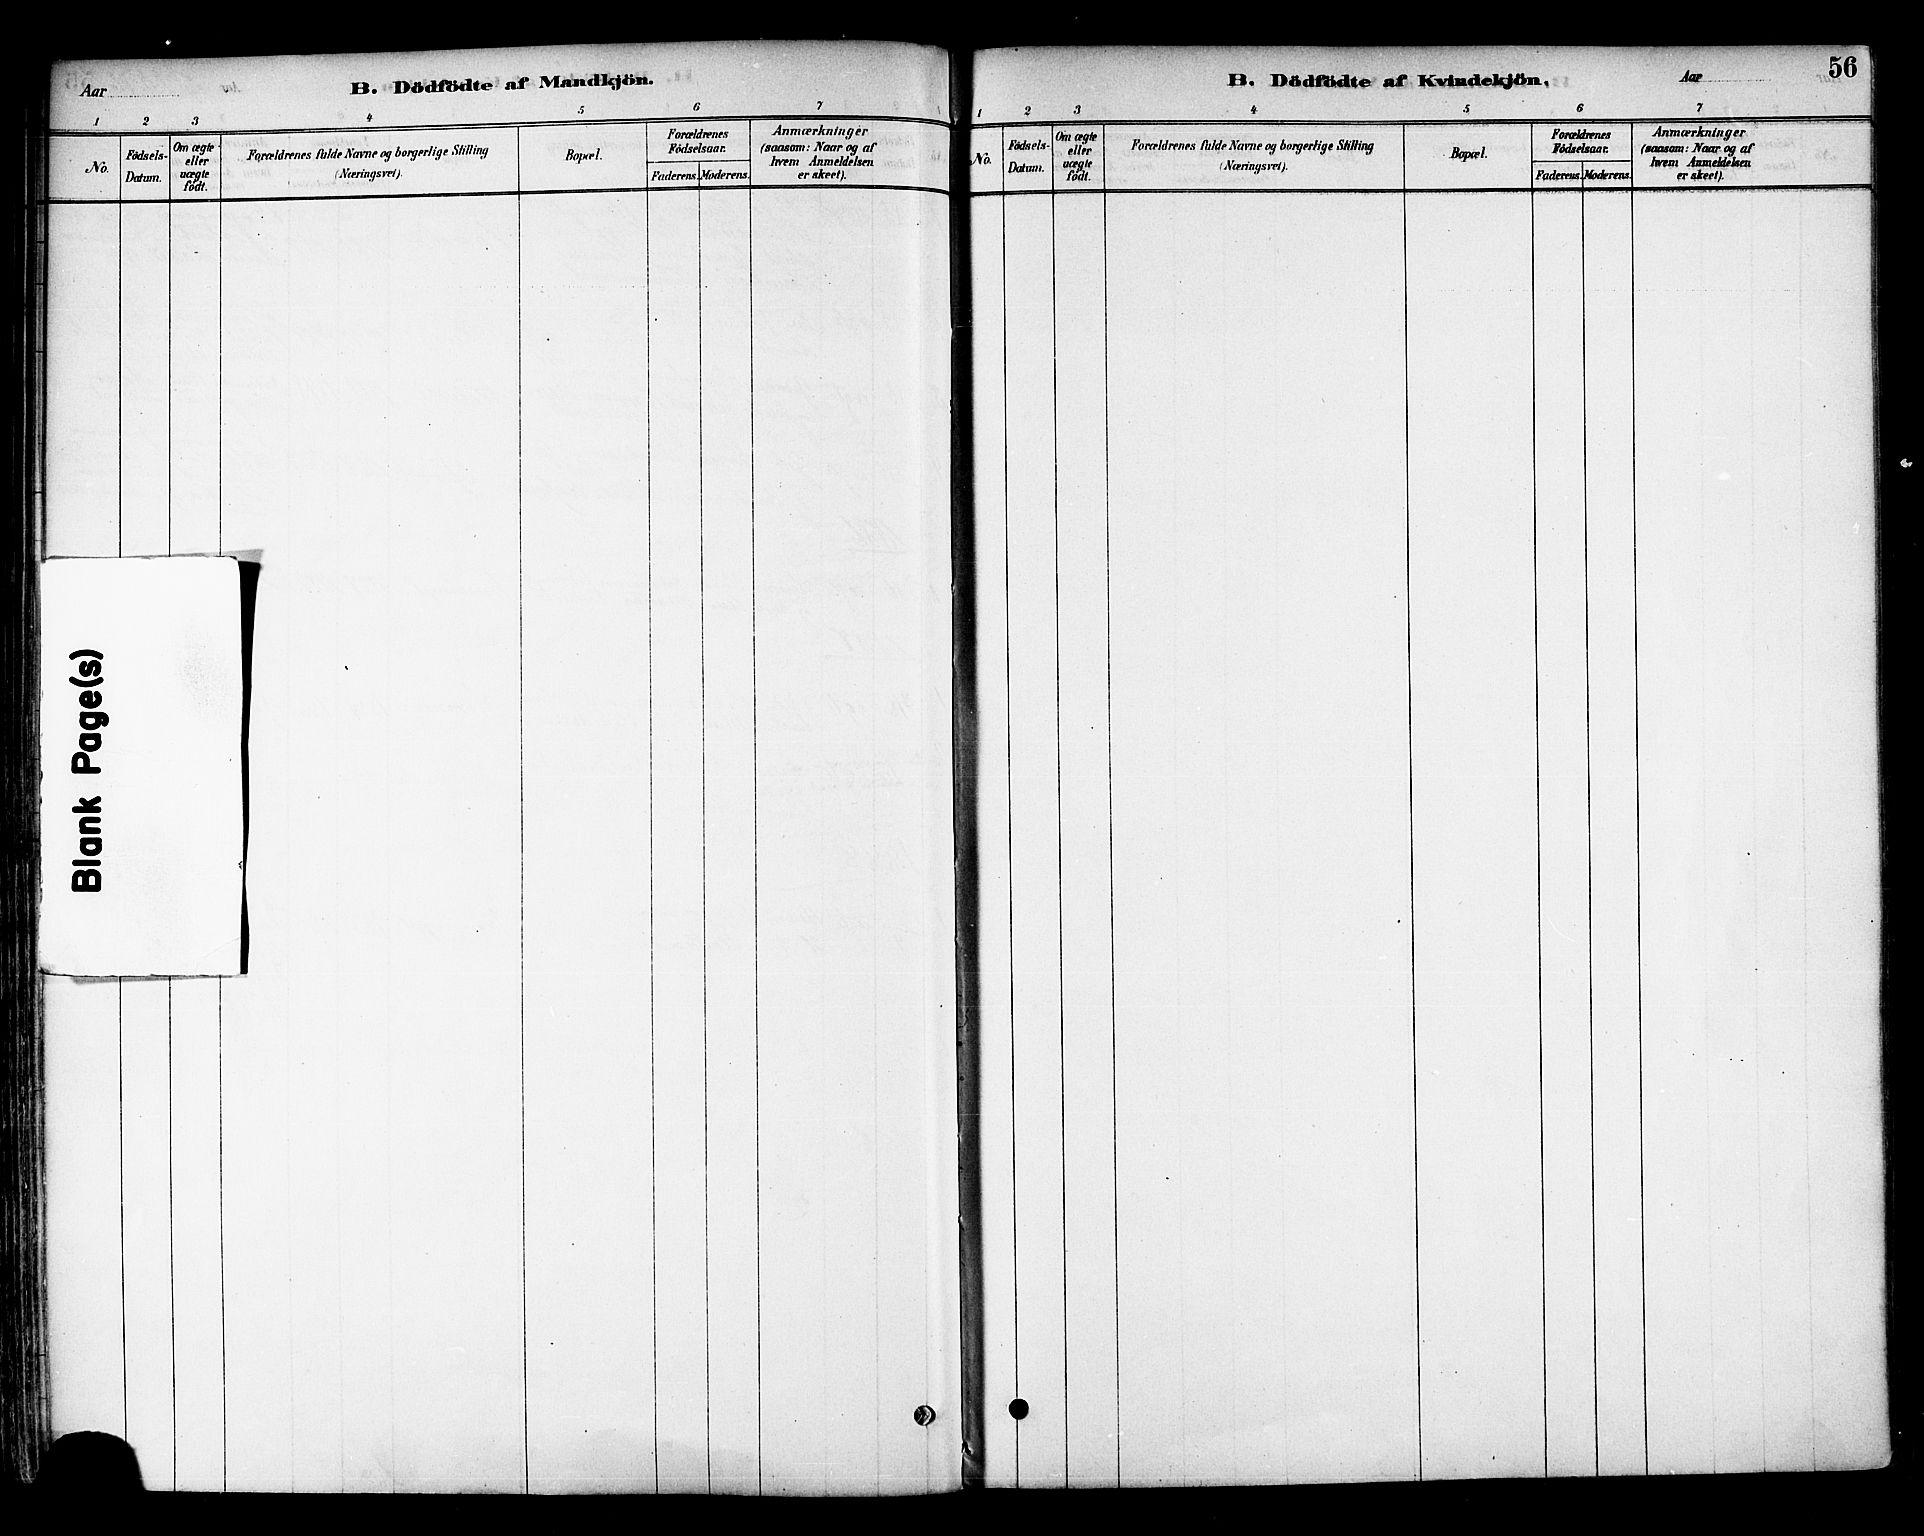 SAT, Ministerialprotokoller, klokkerbøker og fødselsregistre - Nord-Trøndelag, 741/L0395: Ministerialbok nr. 741A09, 1878-1888, s. 56